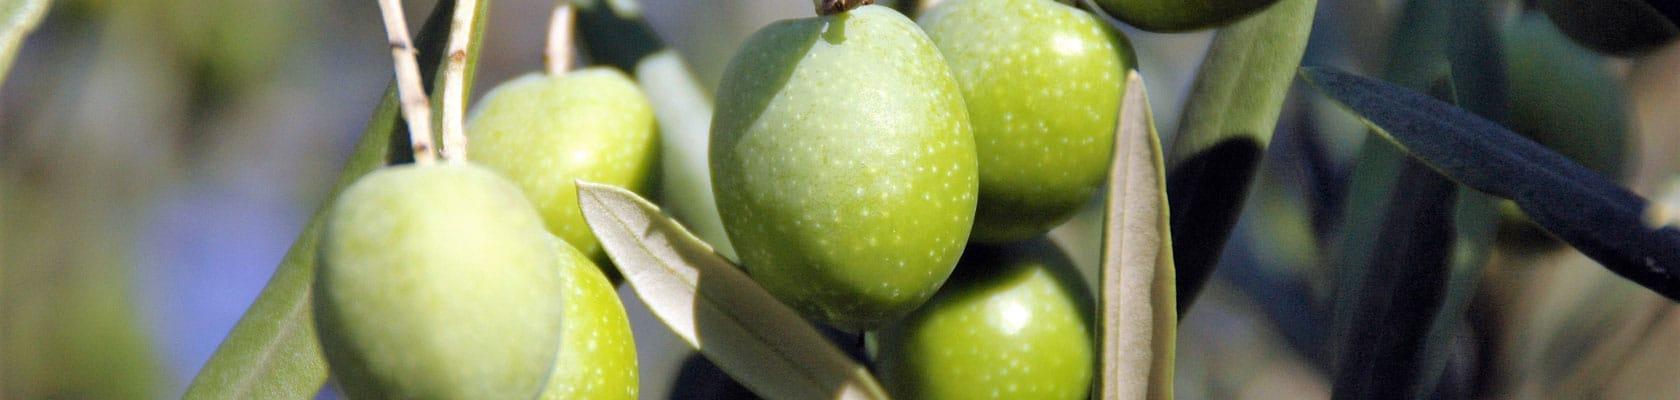 3VictorGarcia-Olives-L